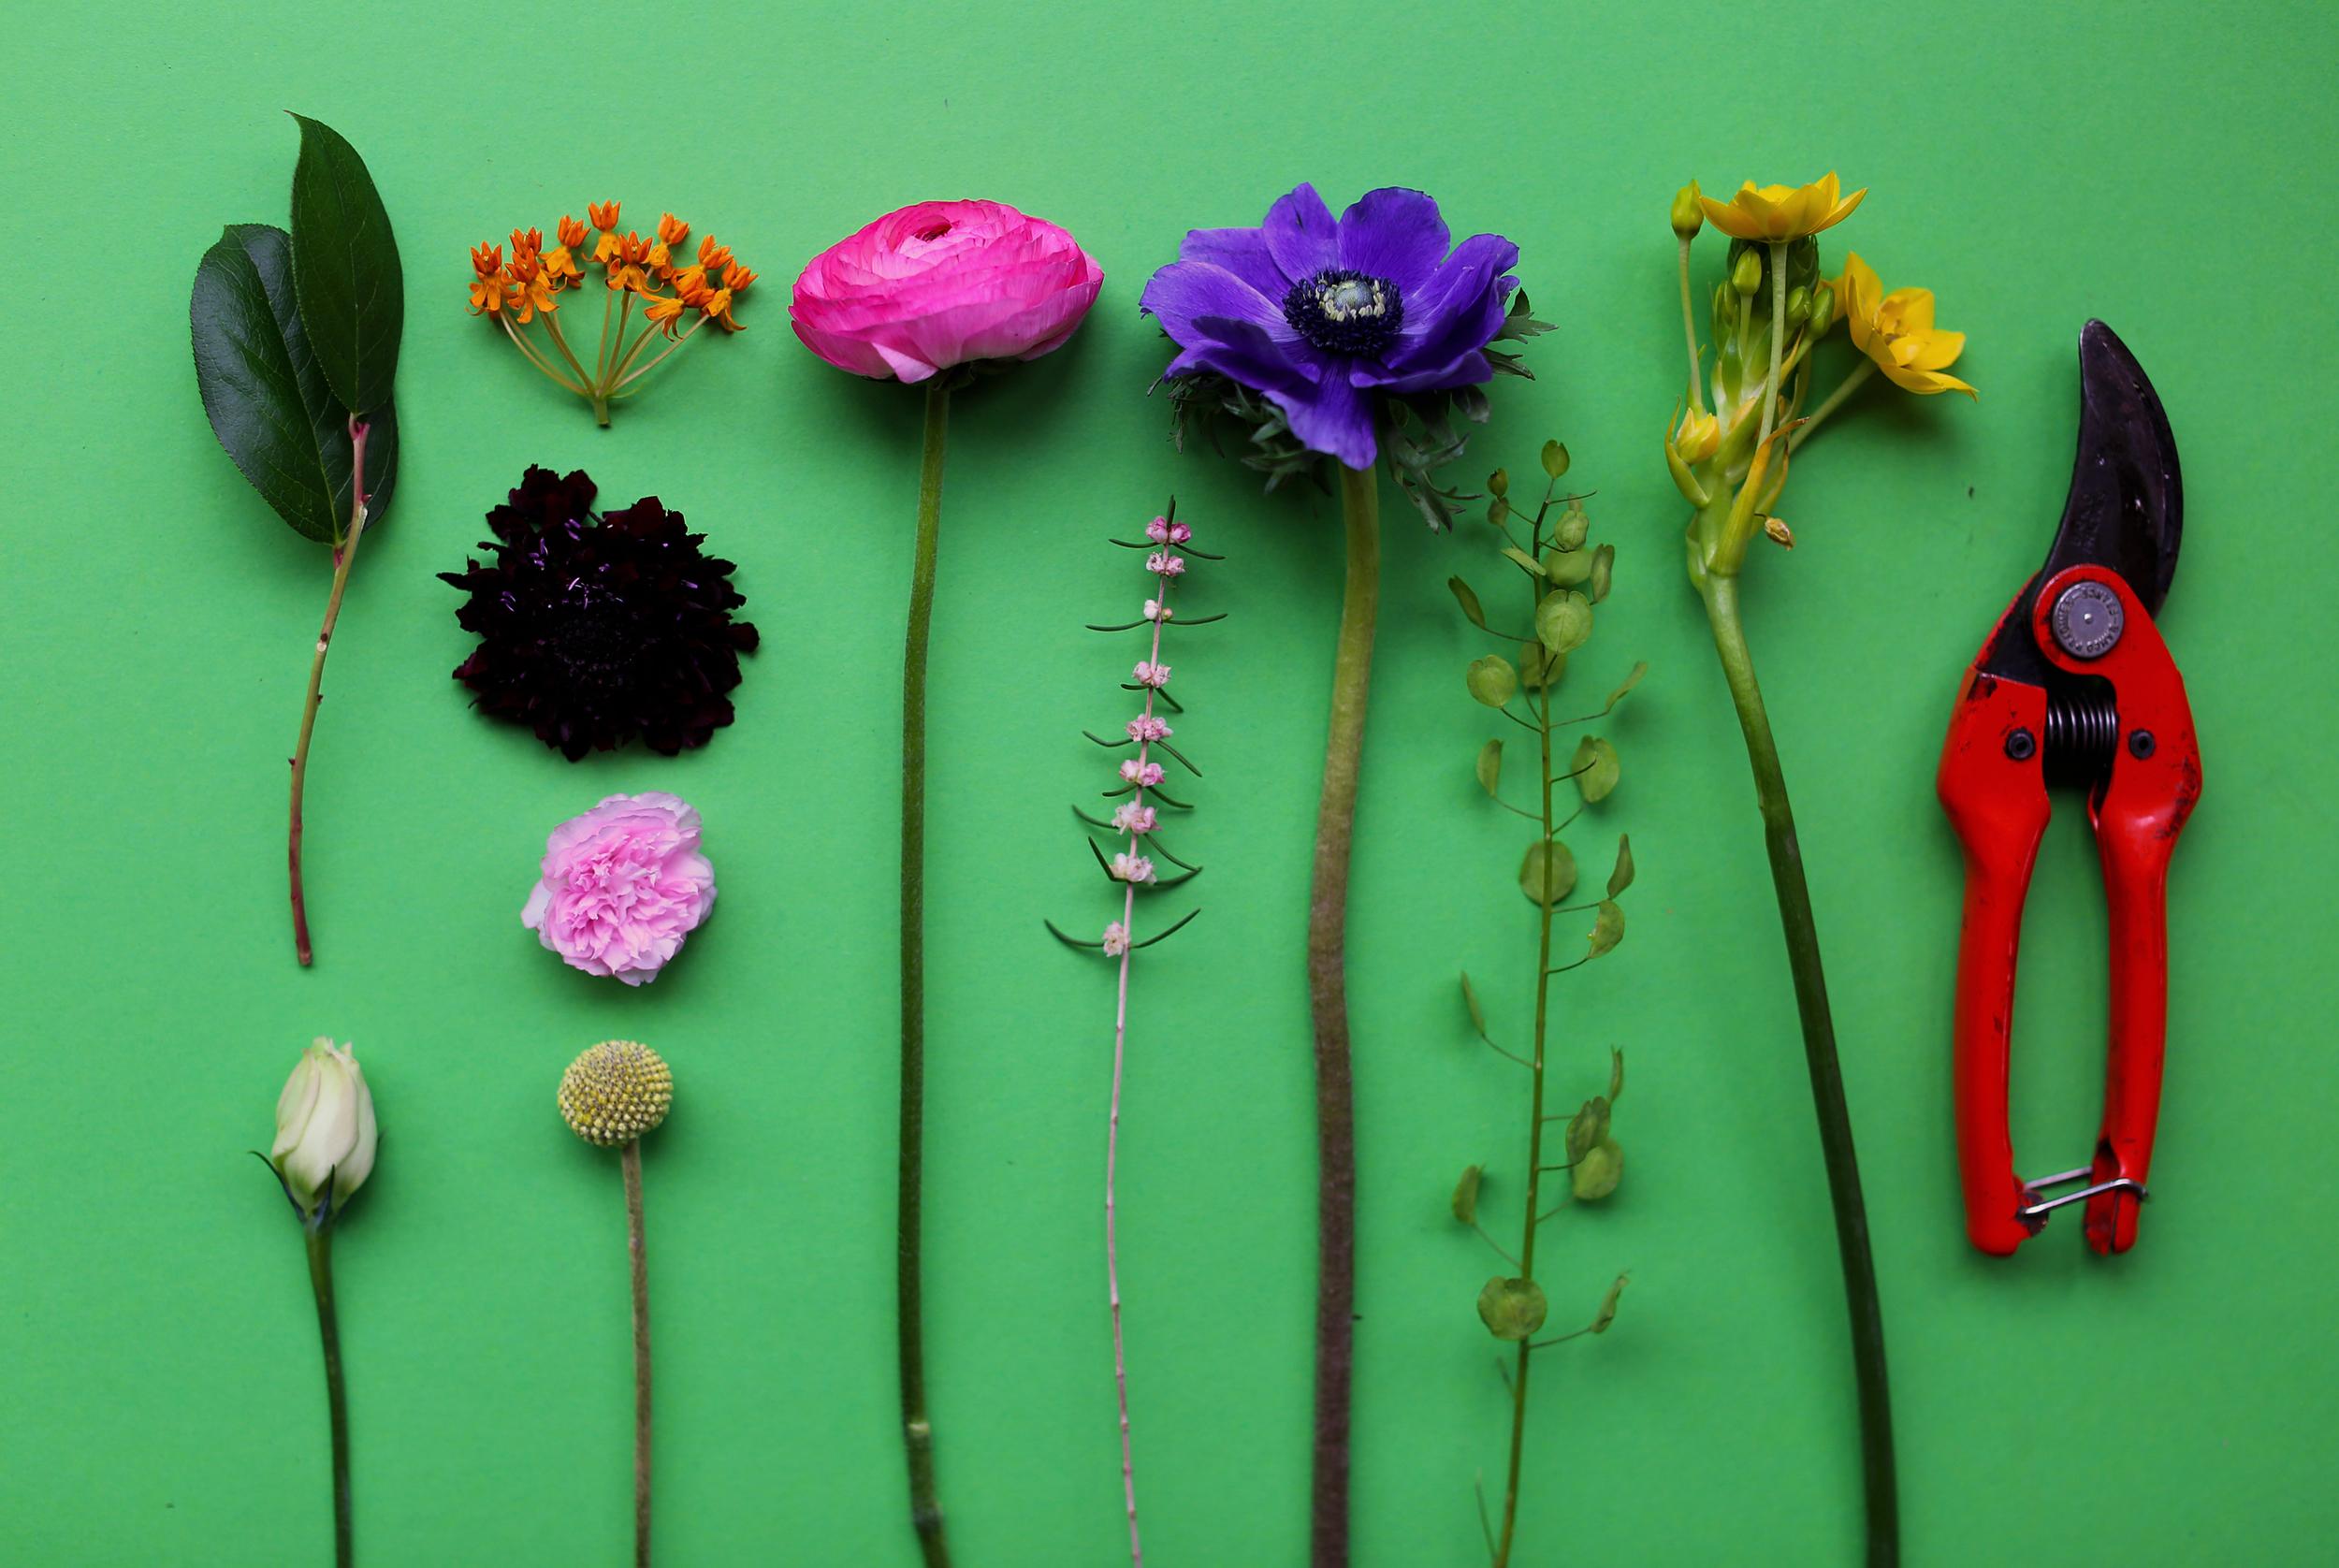 PARKDELI_flowerclass.jpg